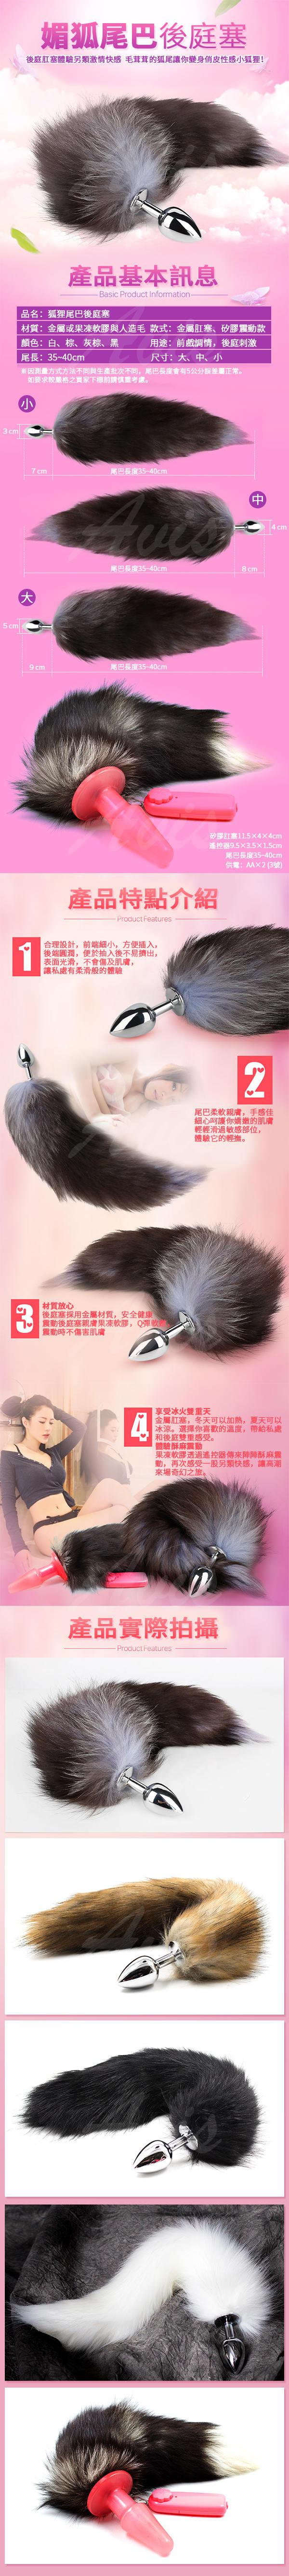 虐戀精品CICILY-激性扮演狐狸精 不銹鋼後庭肛塞+棕色尾巴毛(小)